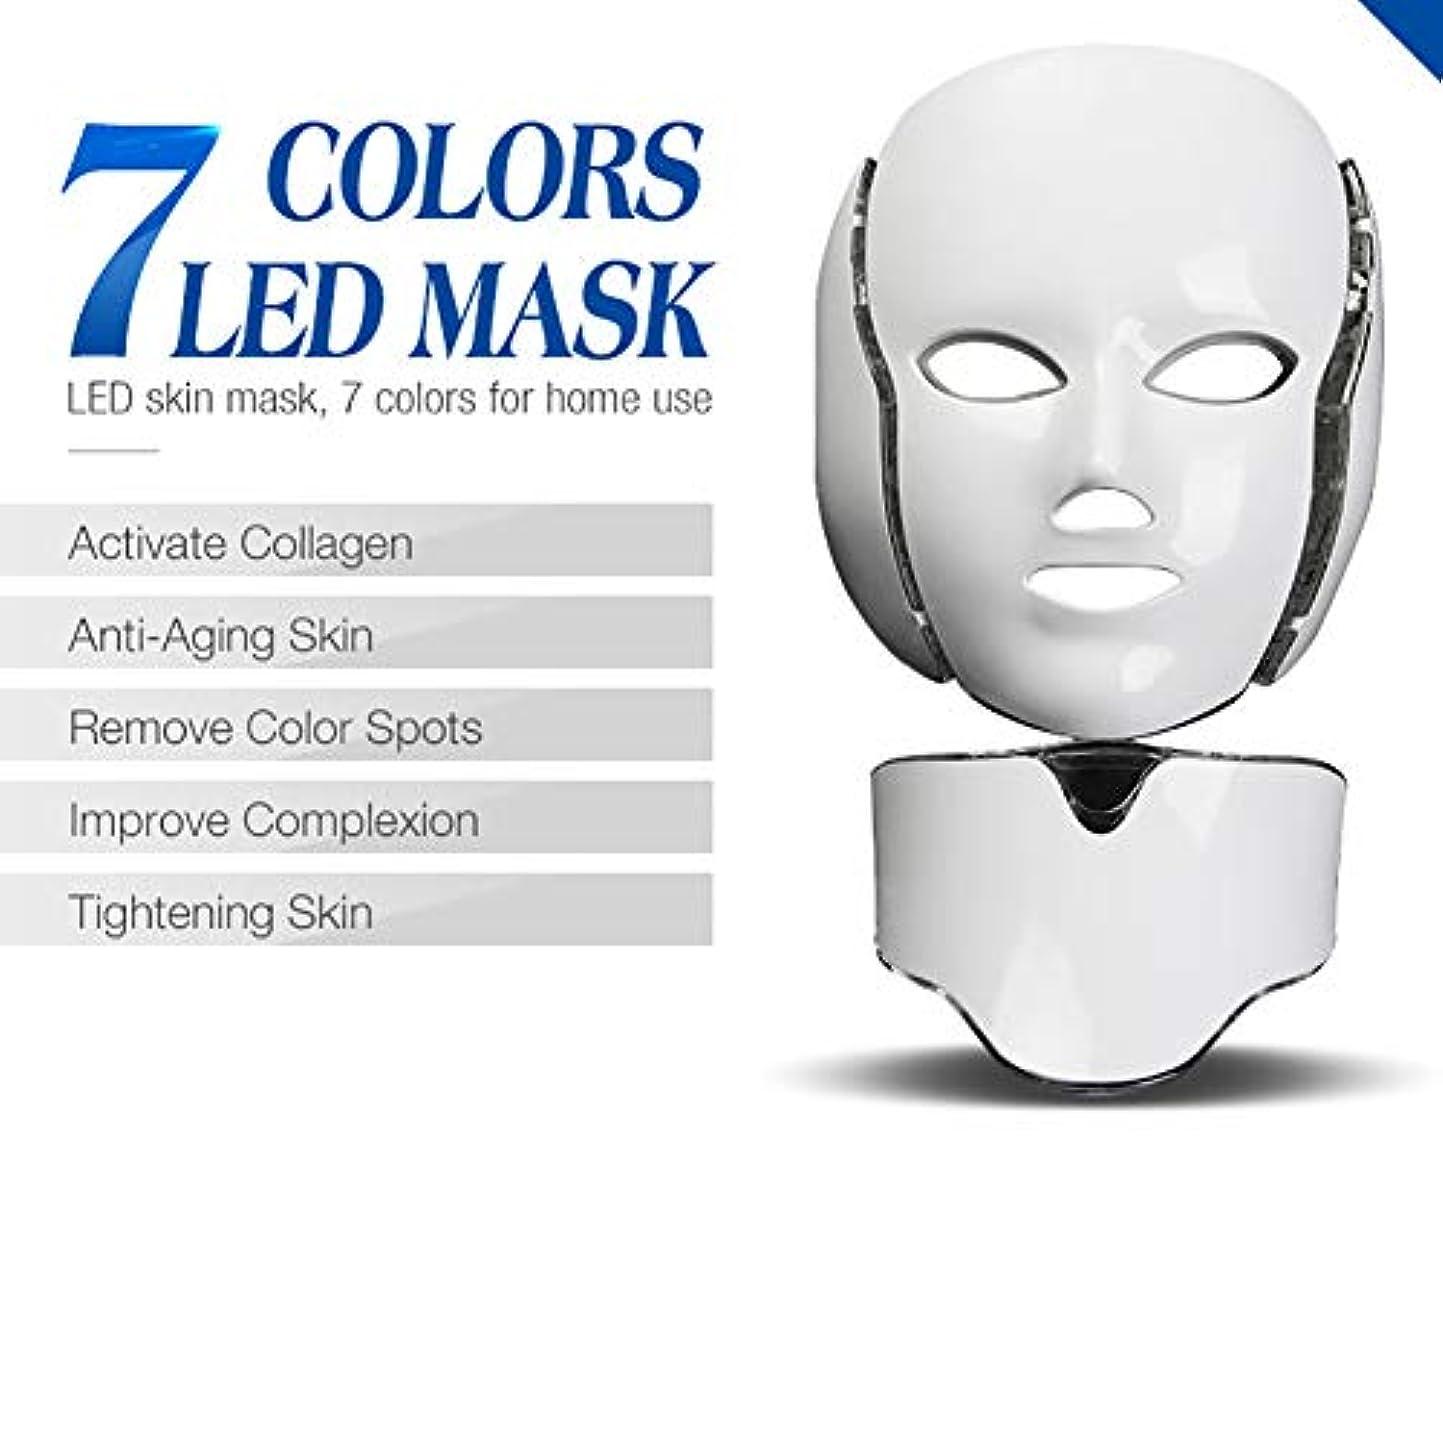 羊飼いメンターペン7色ledフェイスマスク、7色電気ledフェイシャルマスク付きネック肌の若返り抗にきびシワ美容トリートメントサロンホームユース